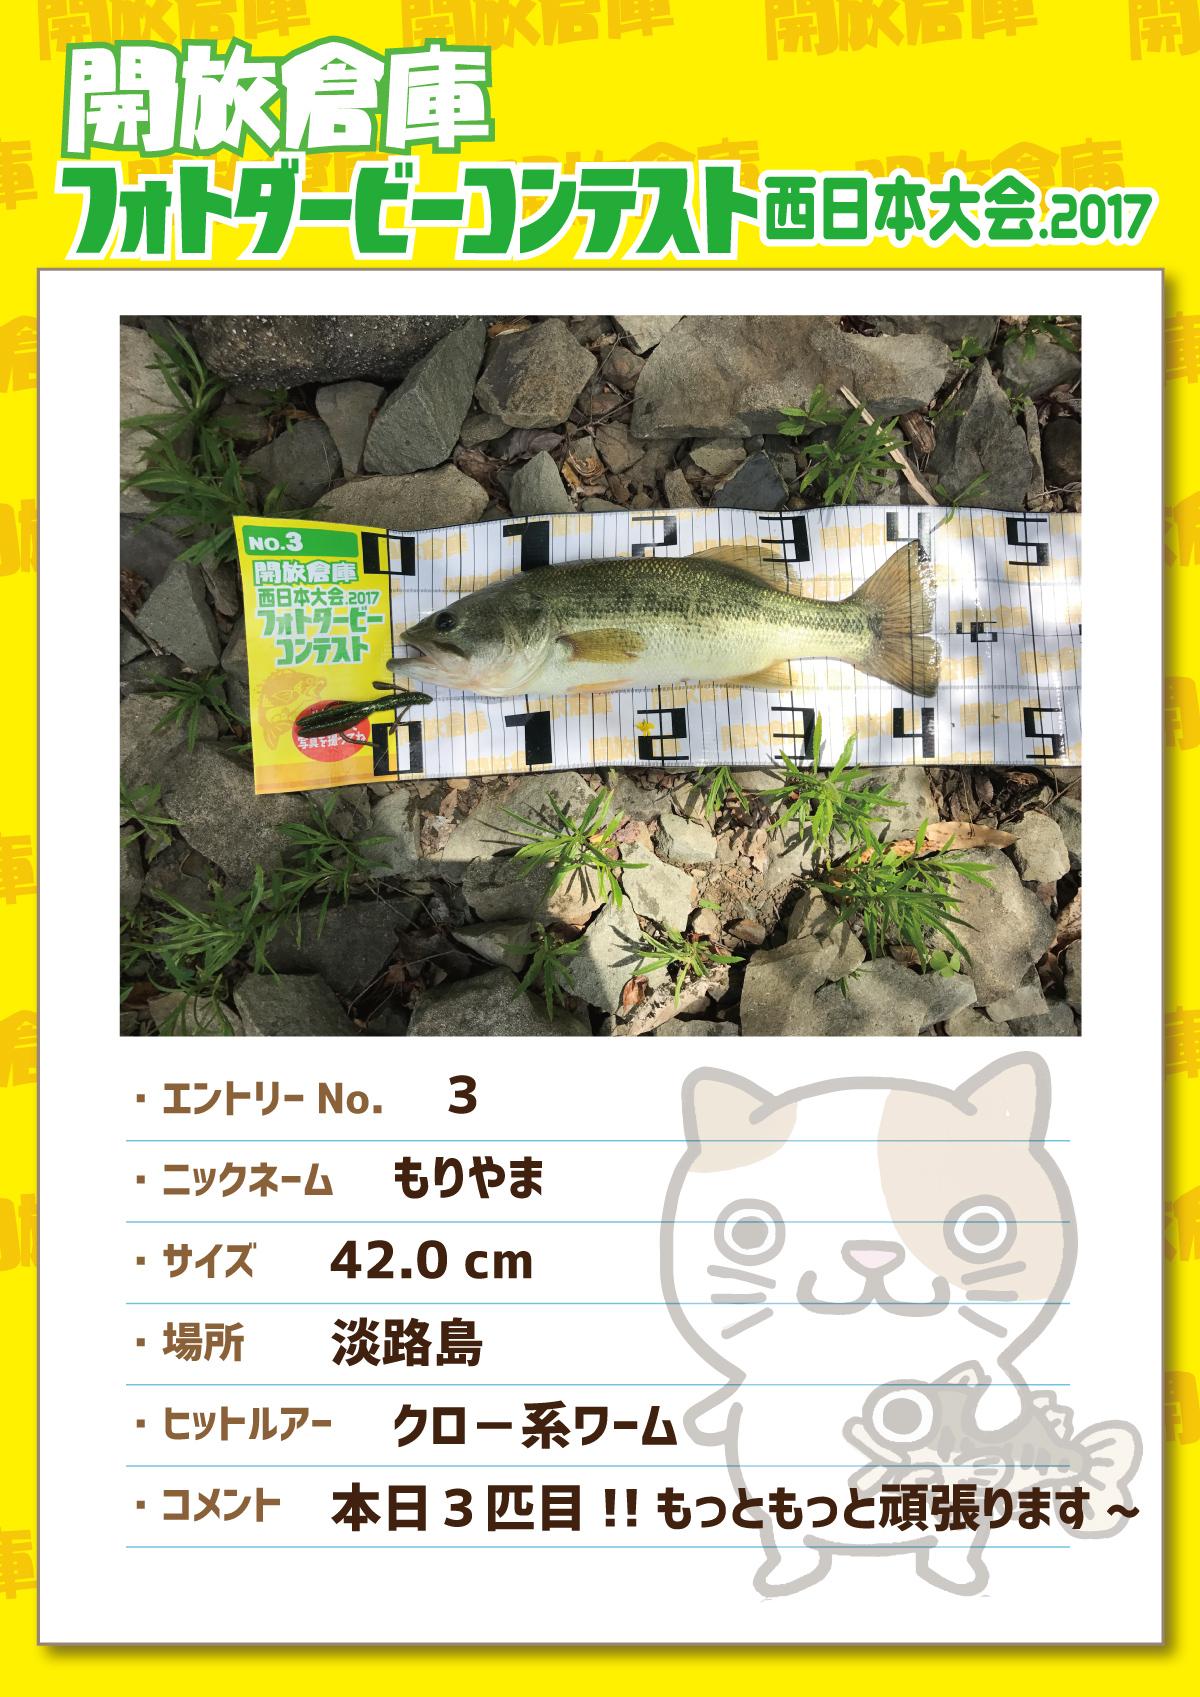 No.3 もりやま 42.0cm 淡路島 クロー系ワーム 本日3匹目!!もっともっと頑張ります~